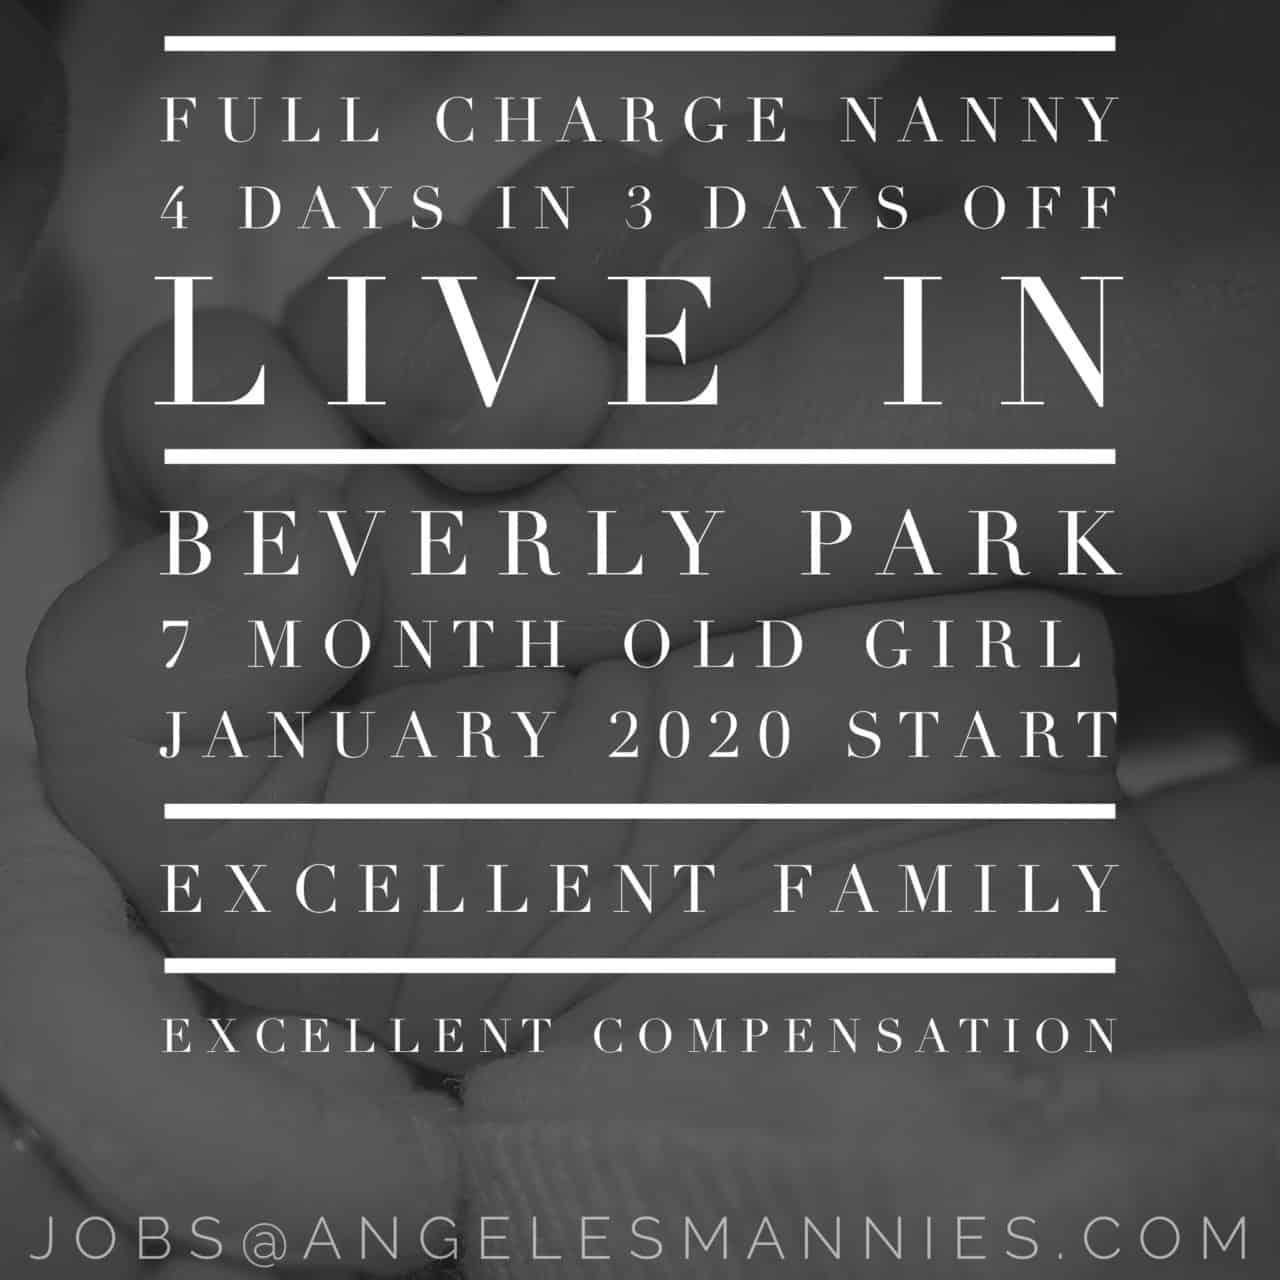 Live-in Infant Nanny